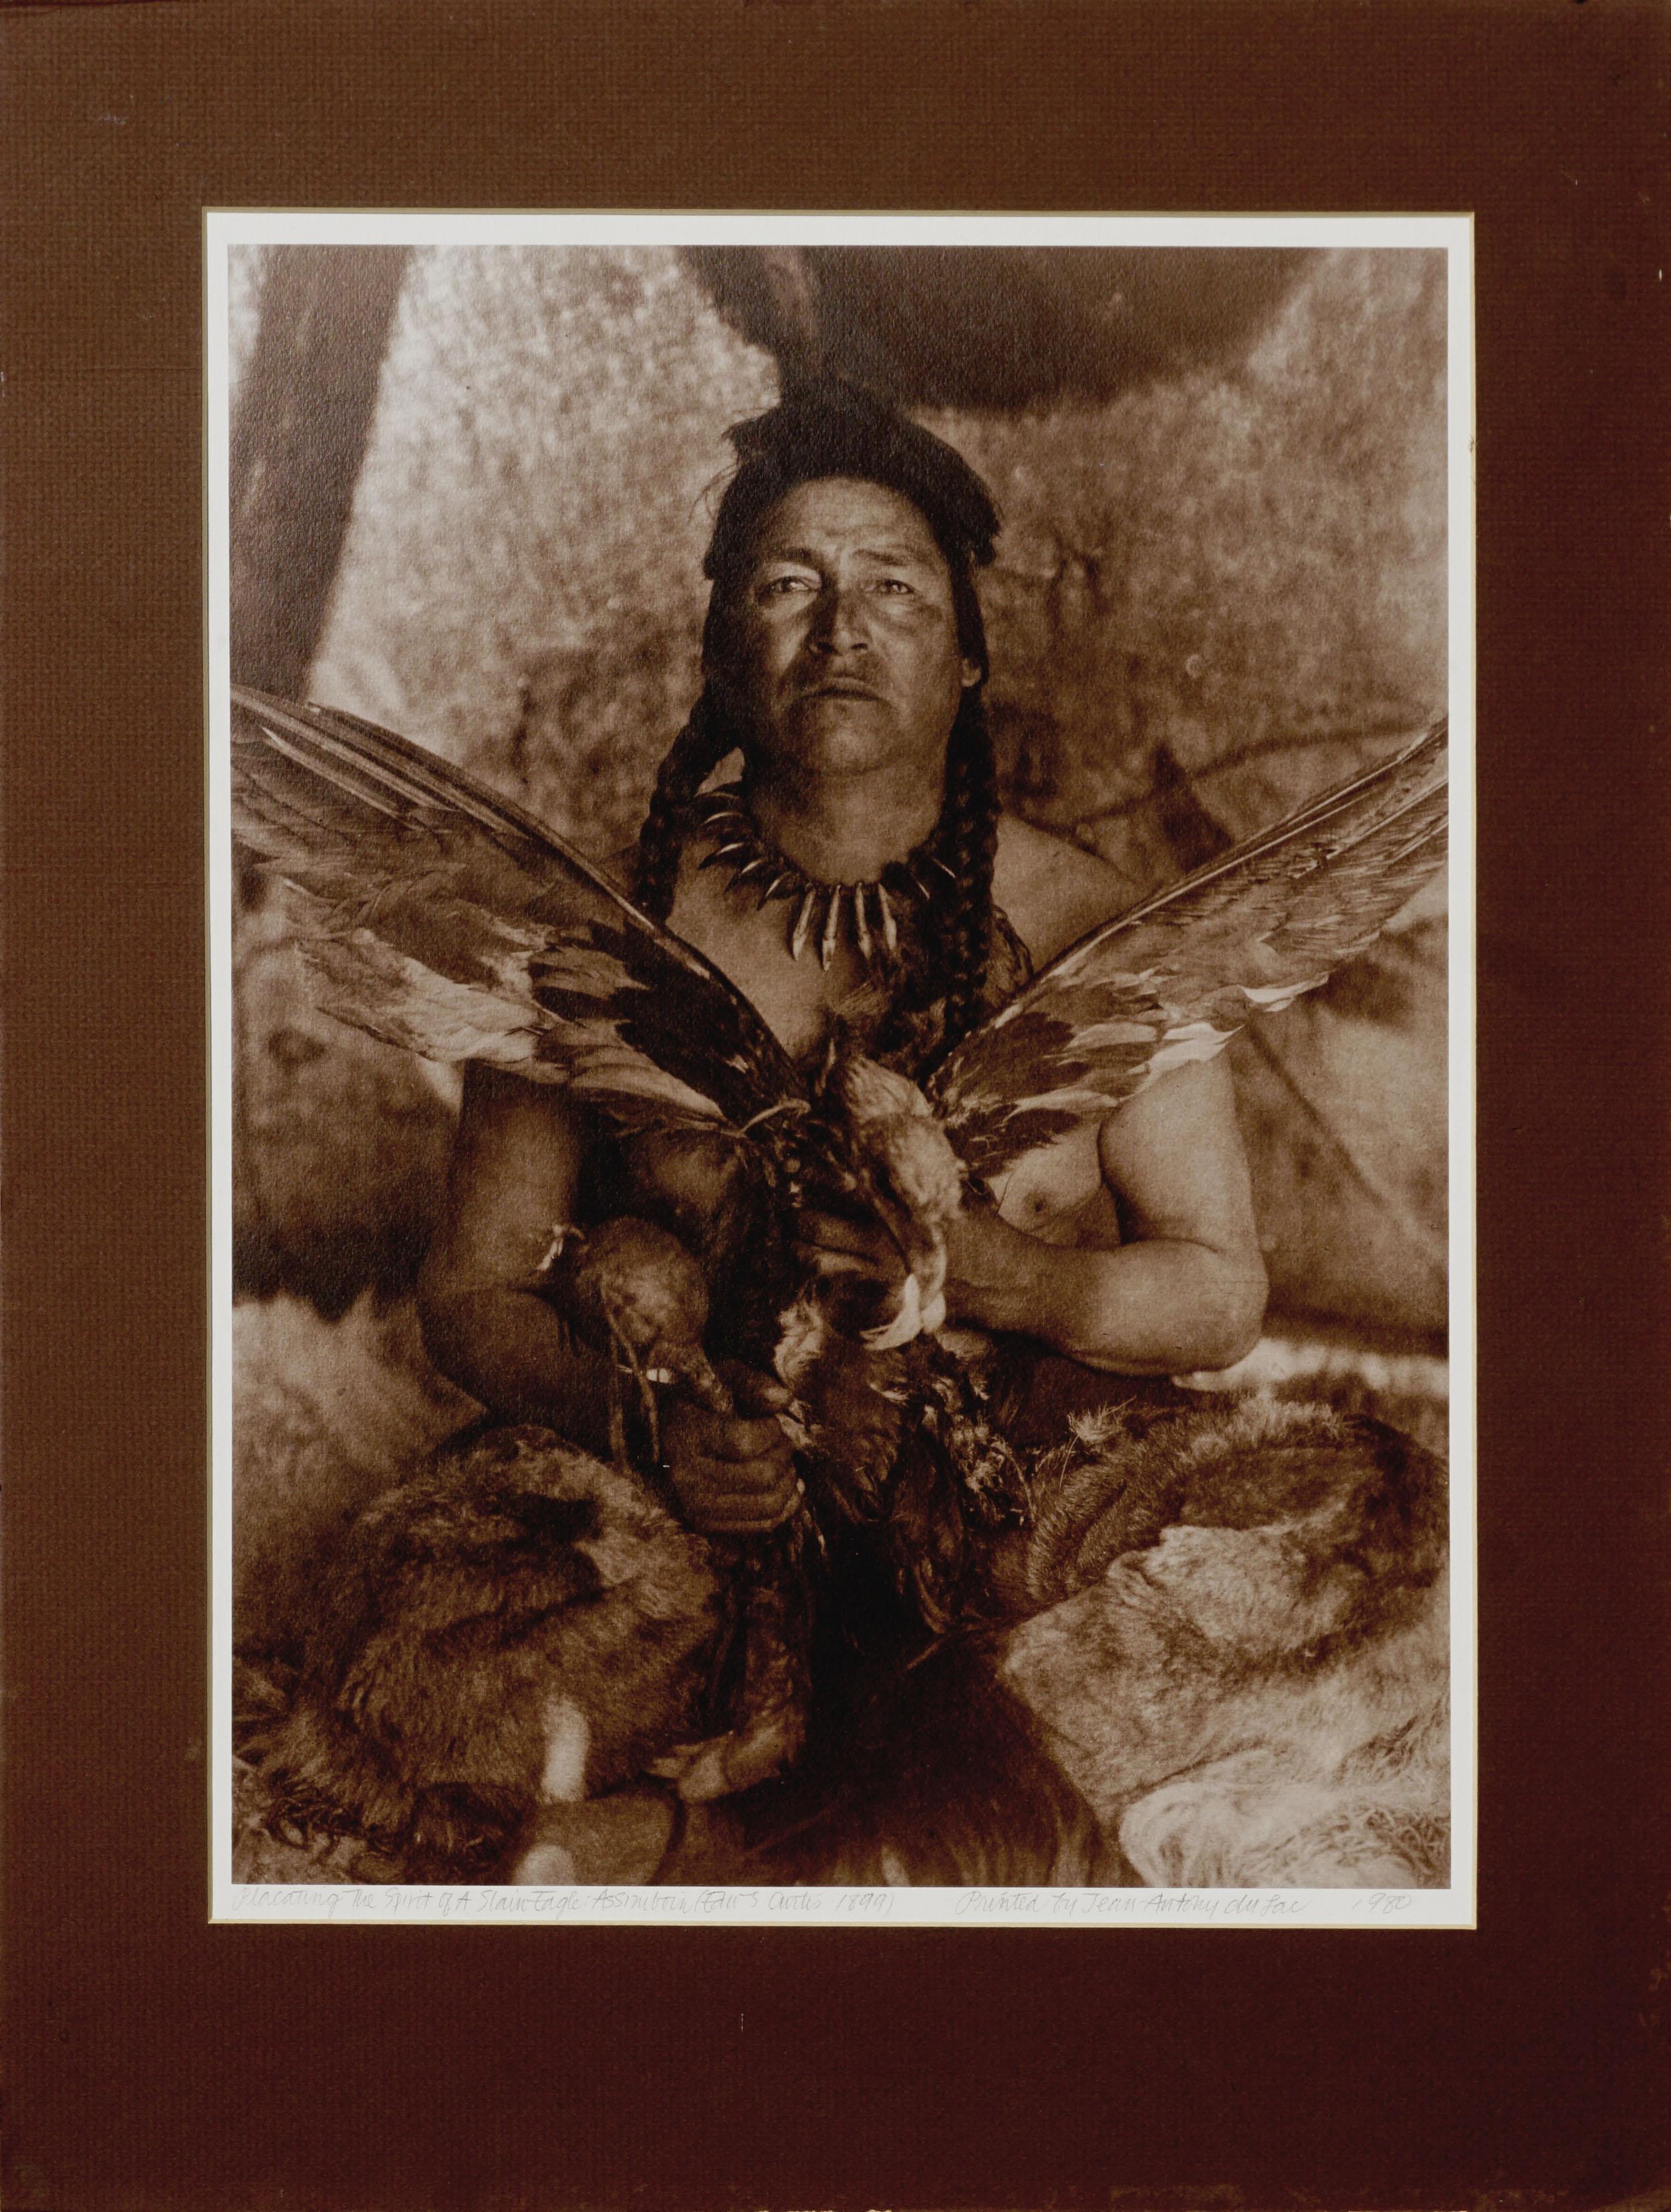 Placating the Spirit of the Slain Eagle: Assiniboine